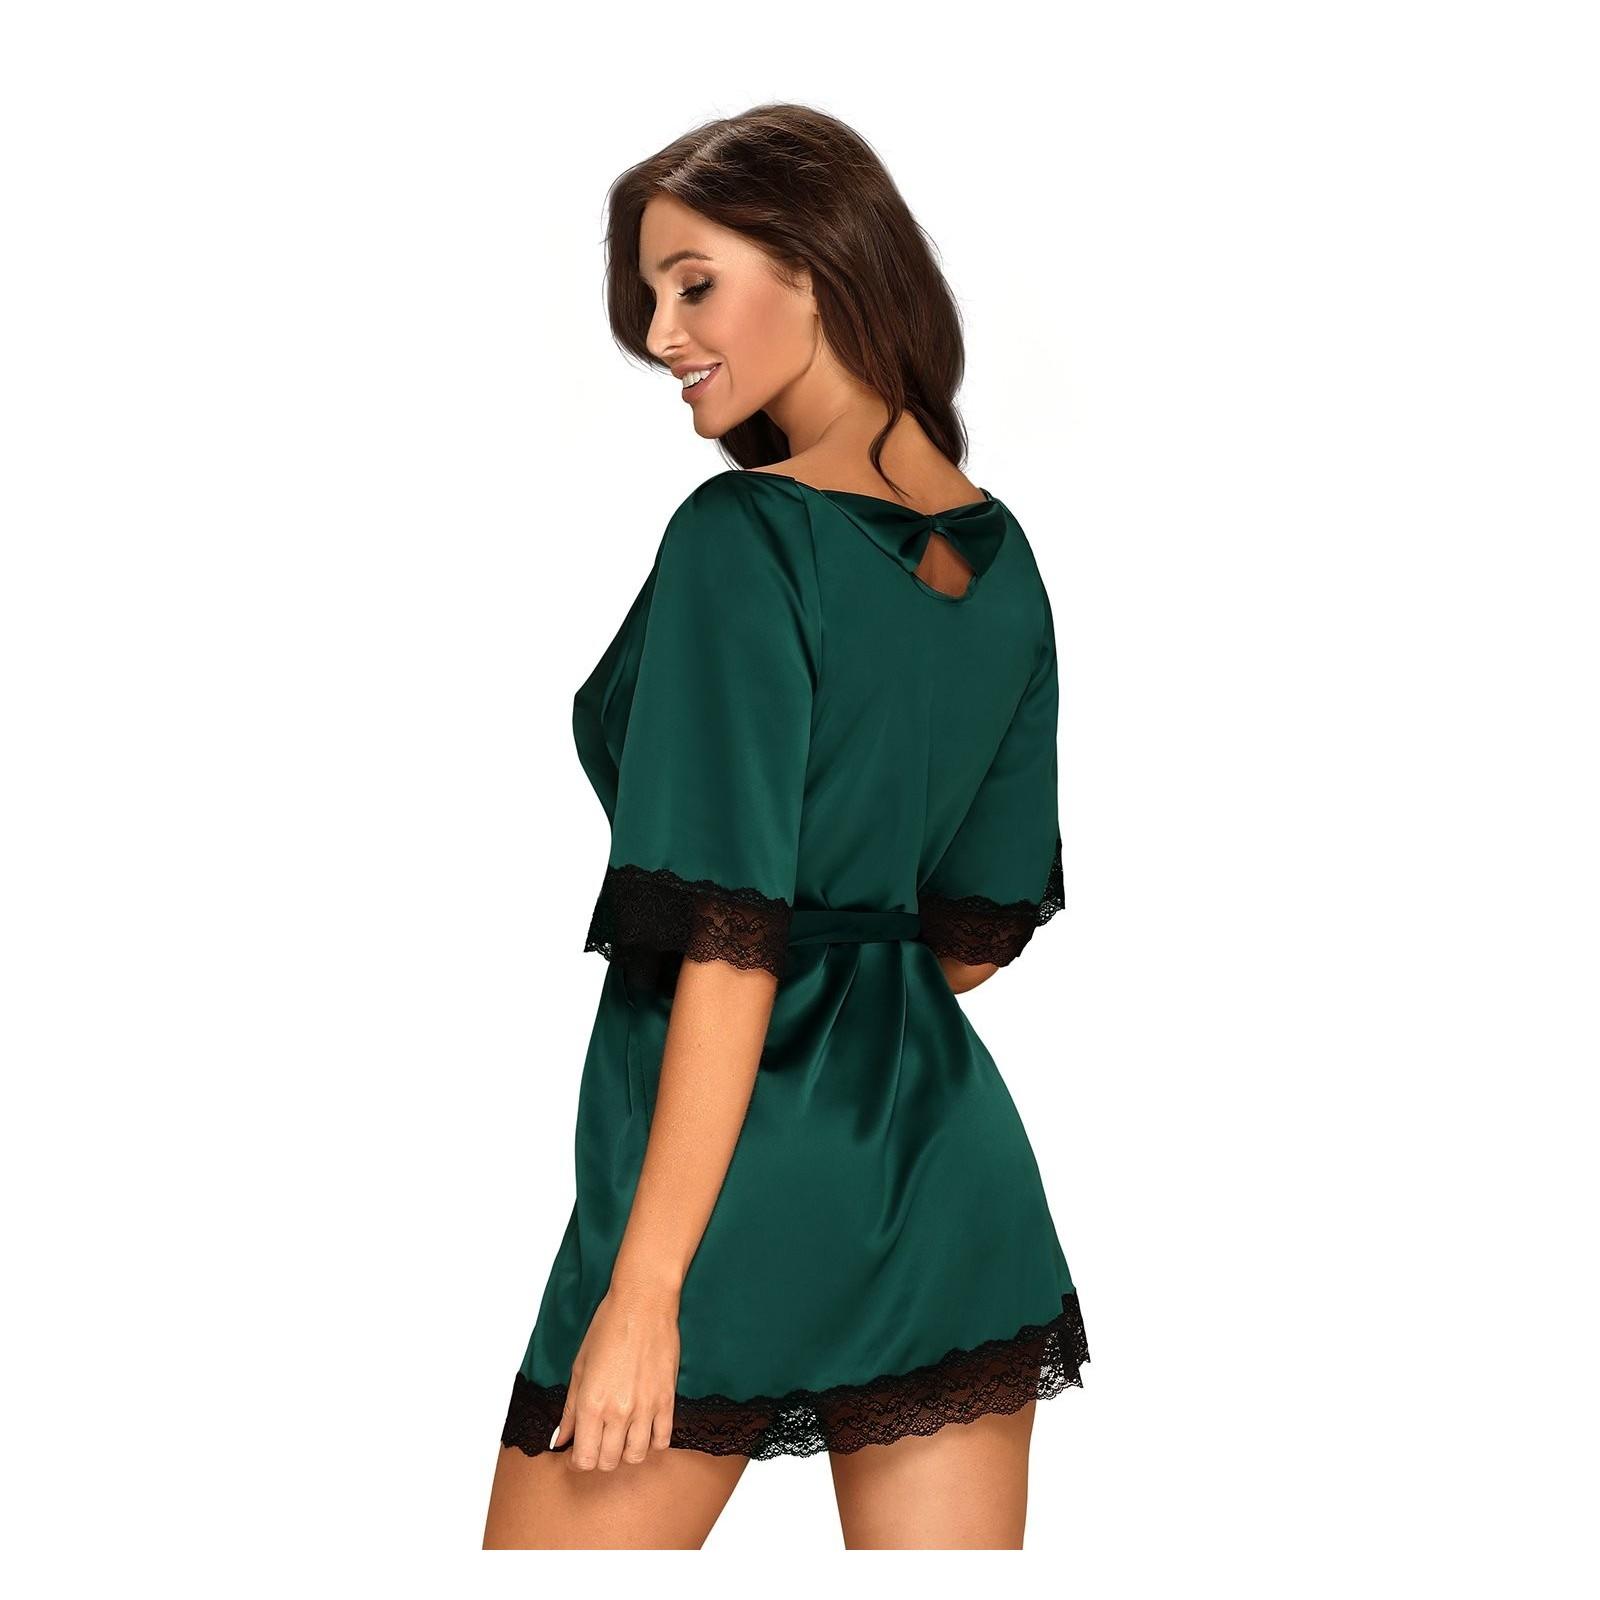 Sensuelia Robe grün - 4 - Vorschaubild